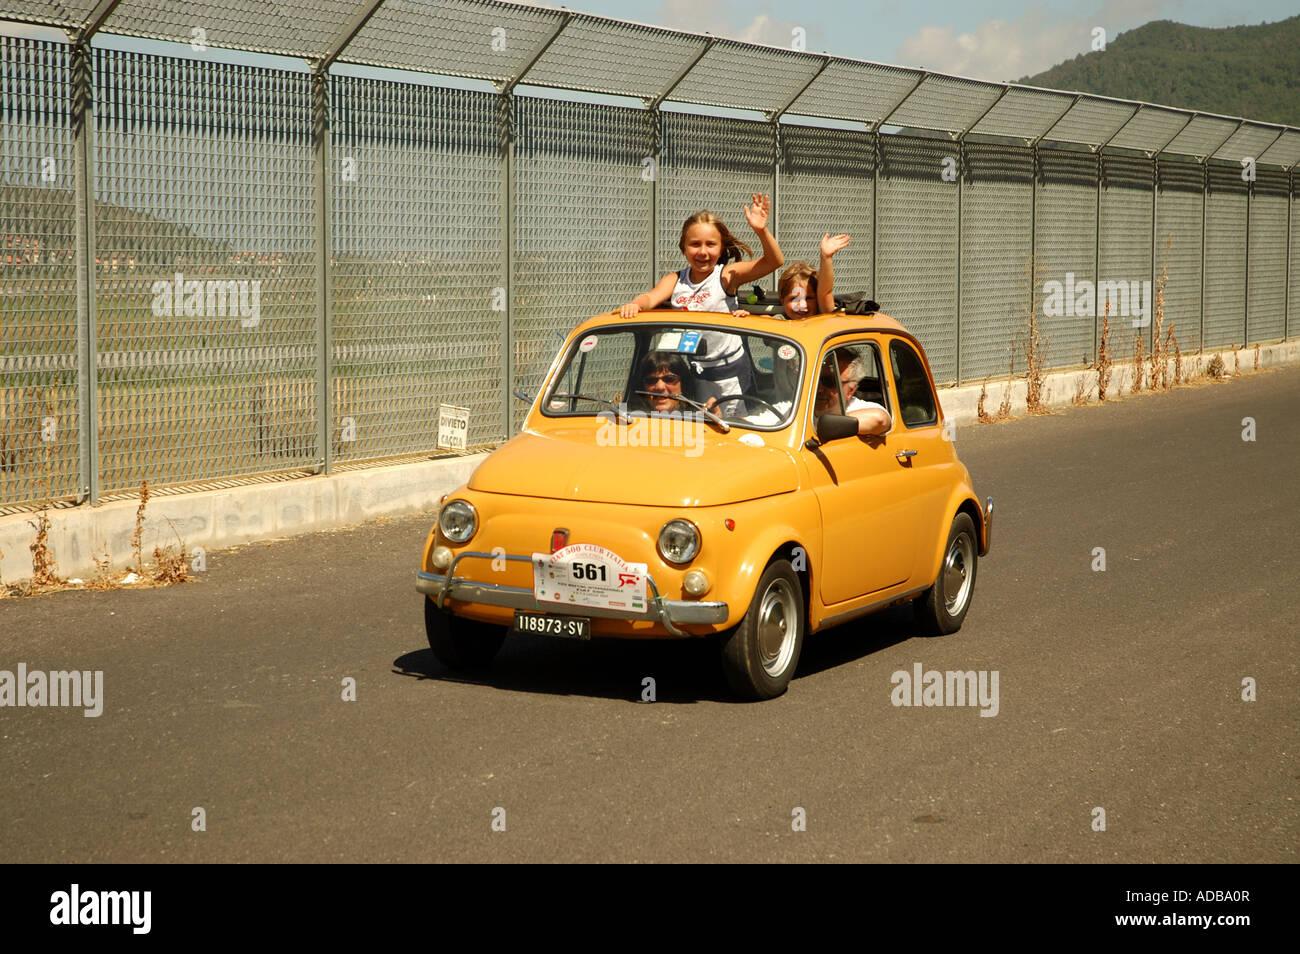 Fiat 500 Rally In Italy Stock Photos Fiat 500 Rally In Italy Stock